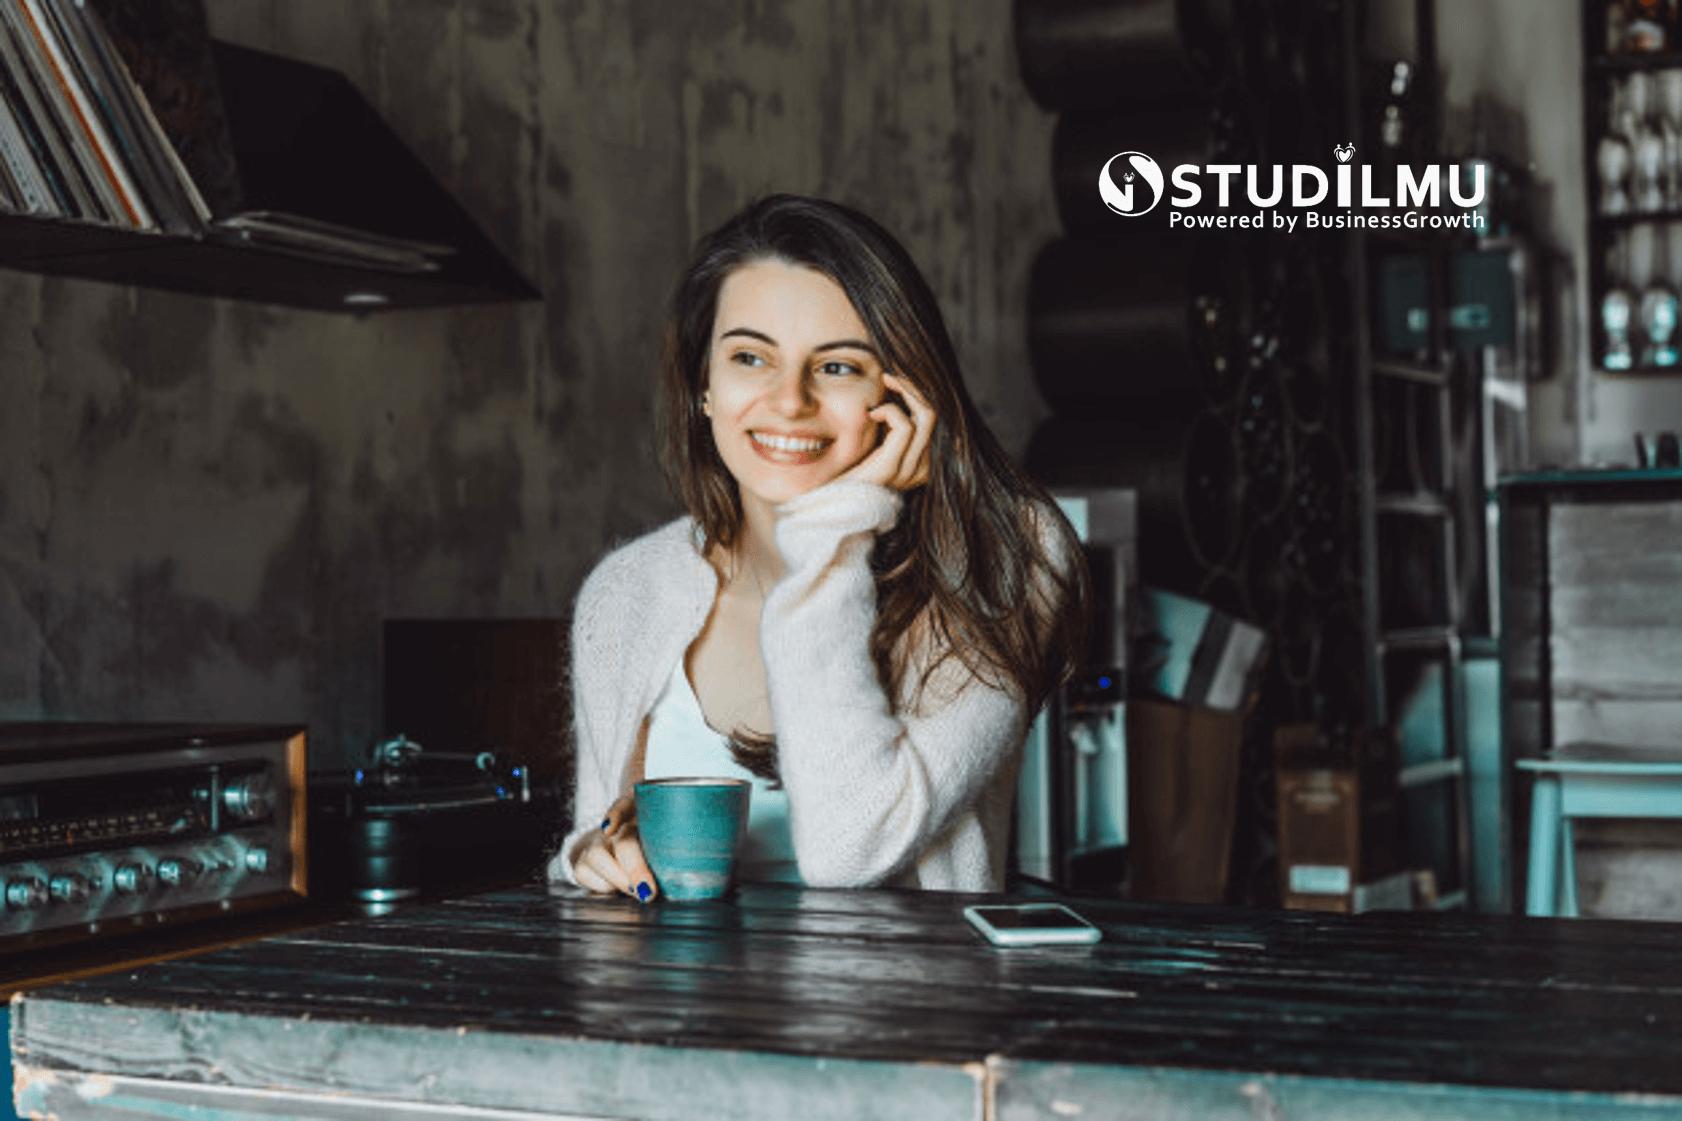 STUDILMU Career Advice - 10 Cara Mencintai Diri Sendiri untuk Karier Cemerlang